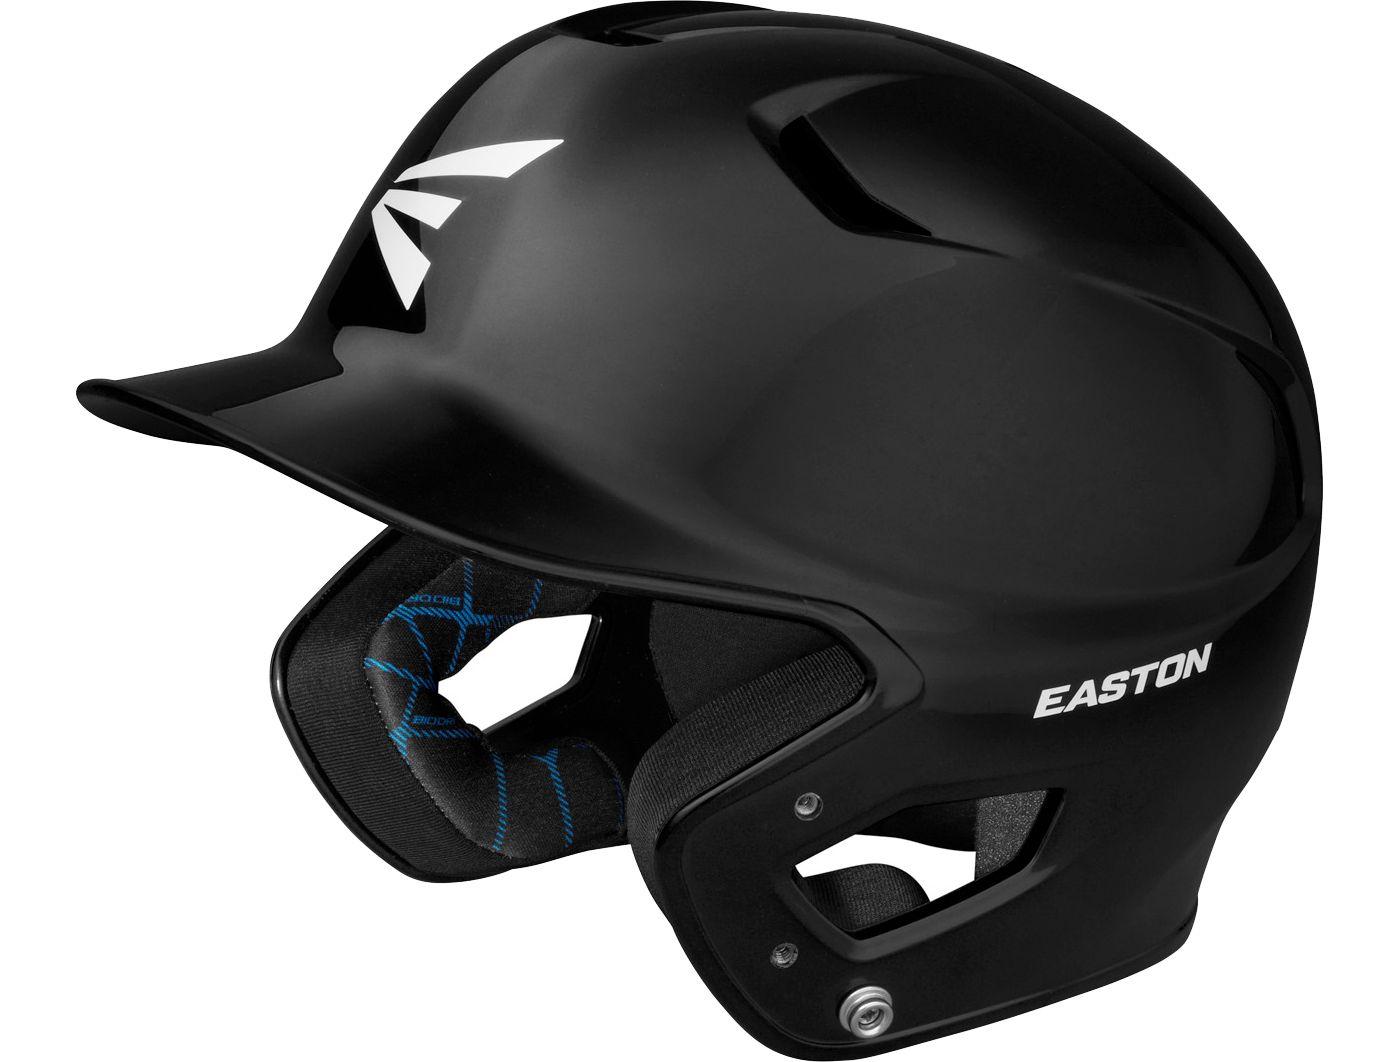 Easton Senior Gametime Elite Batting Helmet